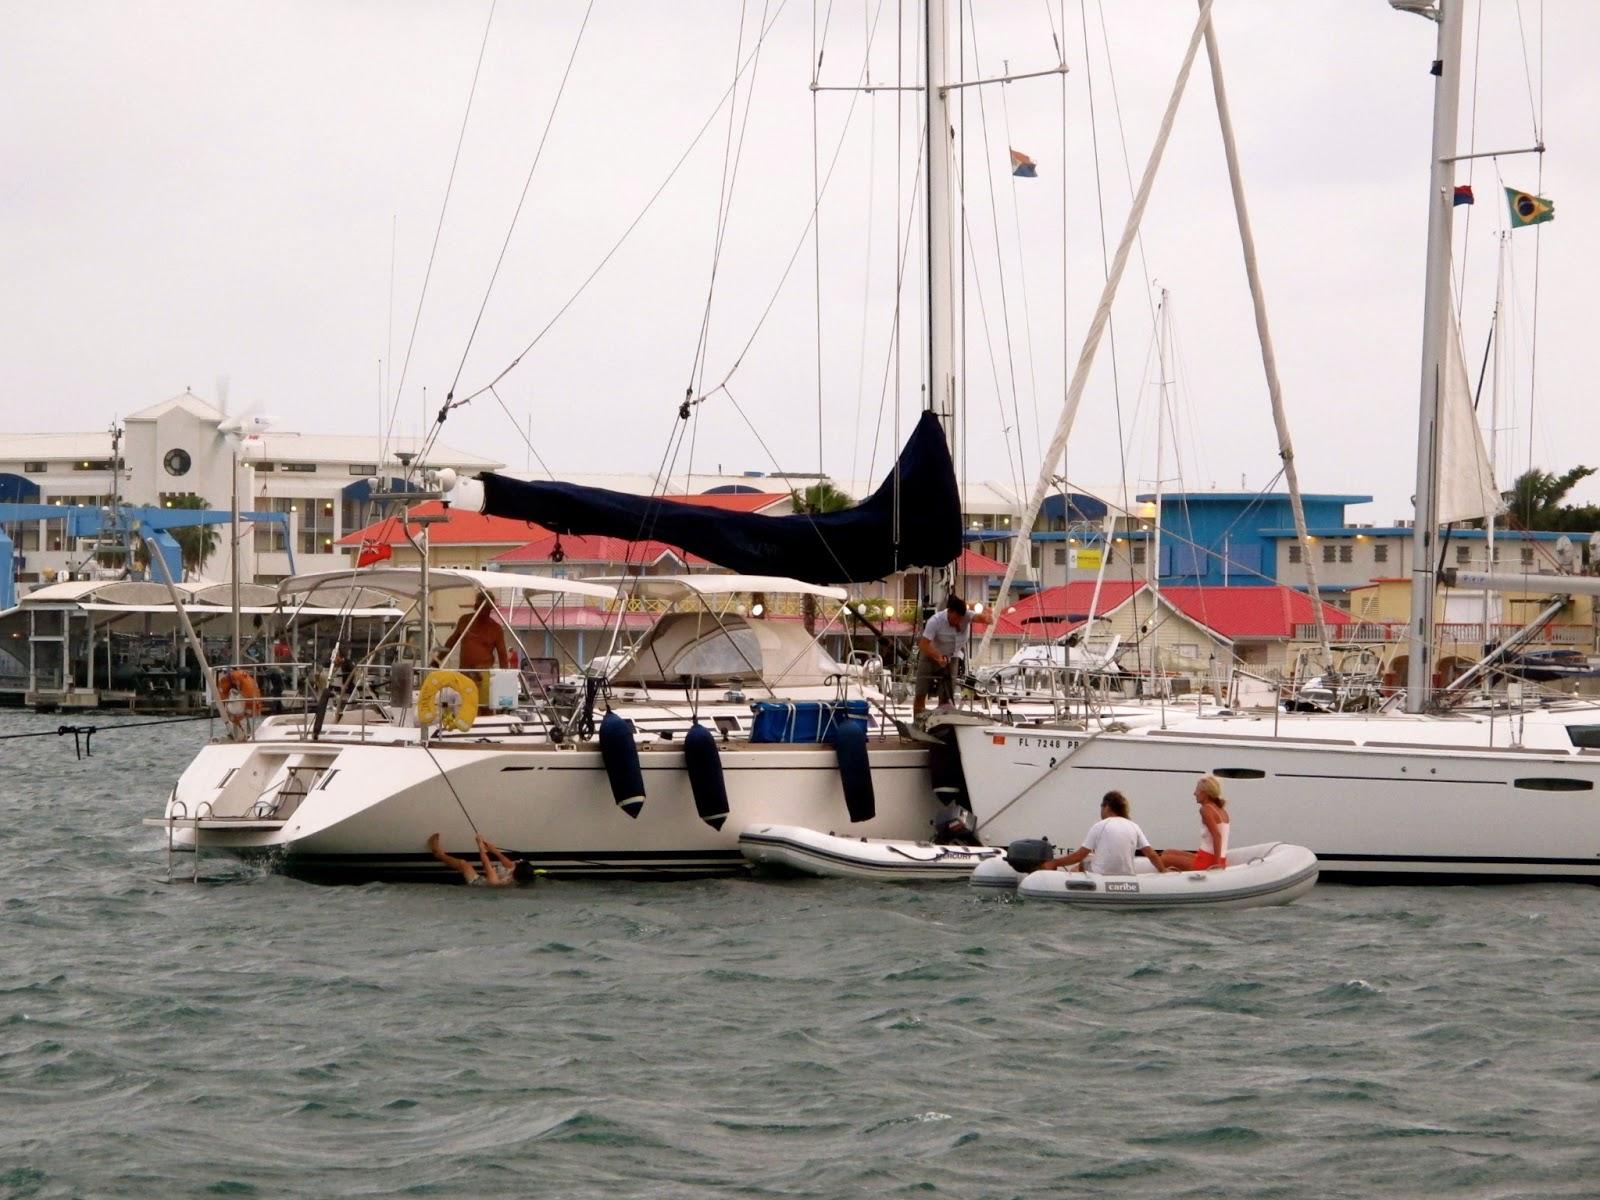 Windtraveler: June 2013